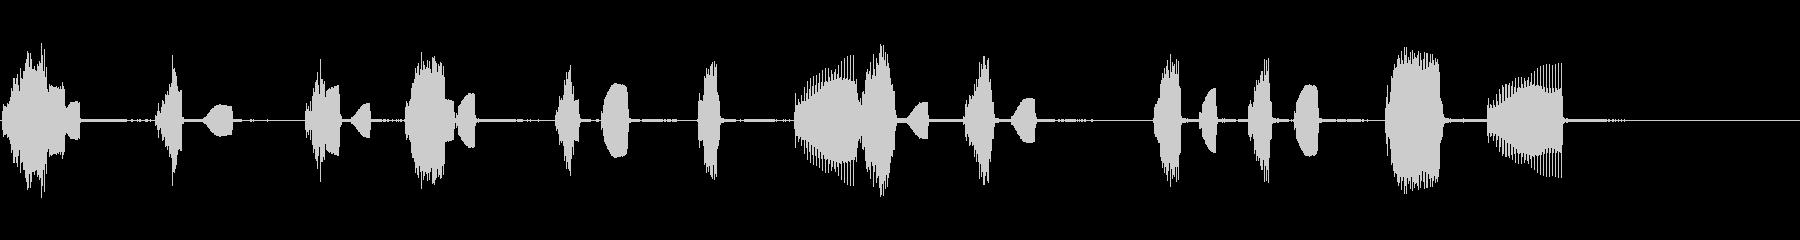 アコーデオン:奇妙な緊張のアクセン...の未再生の波形